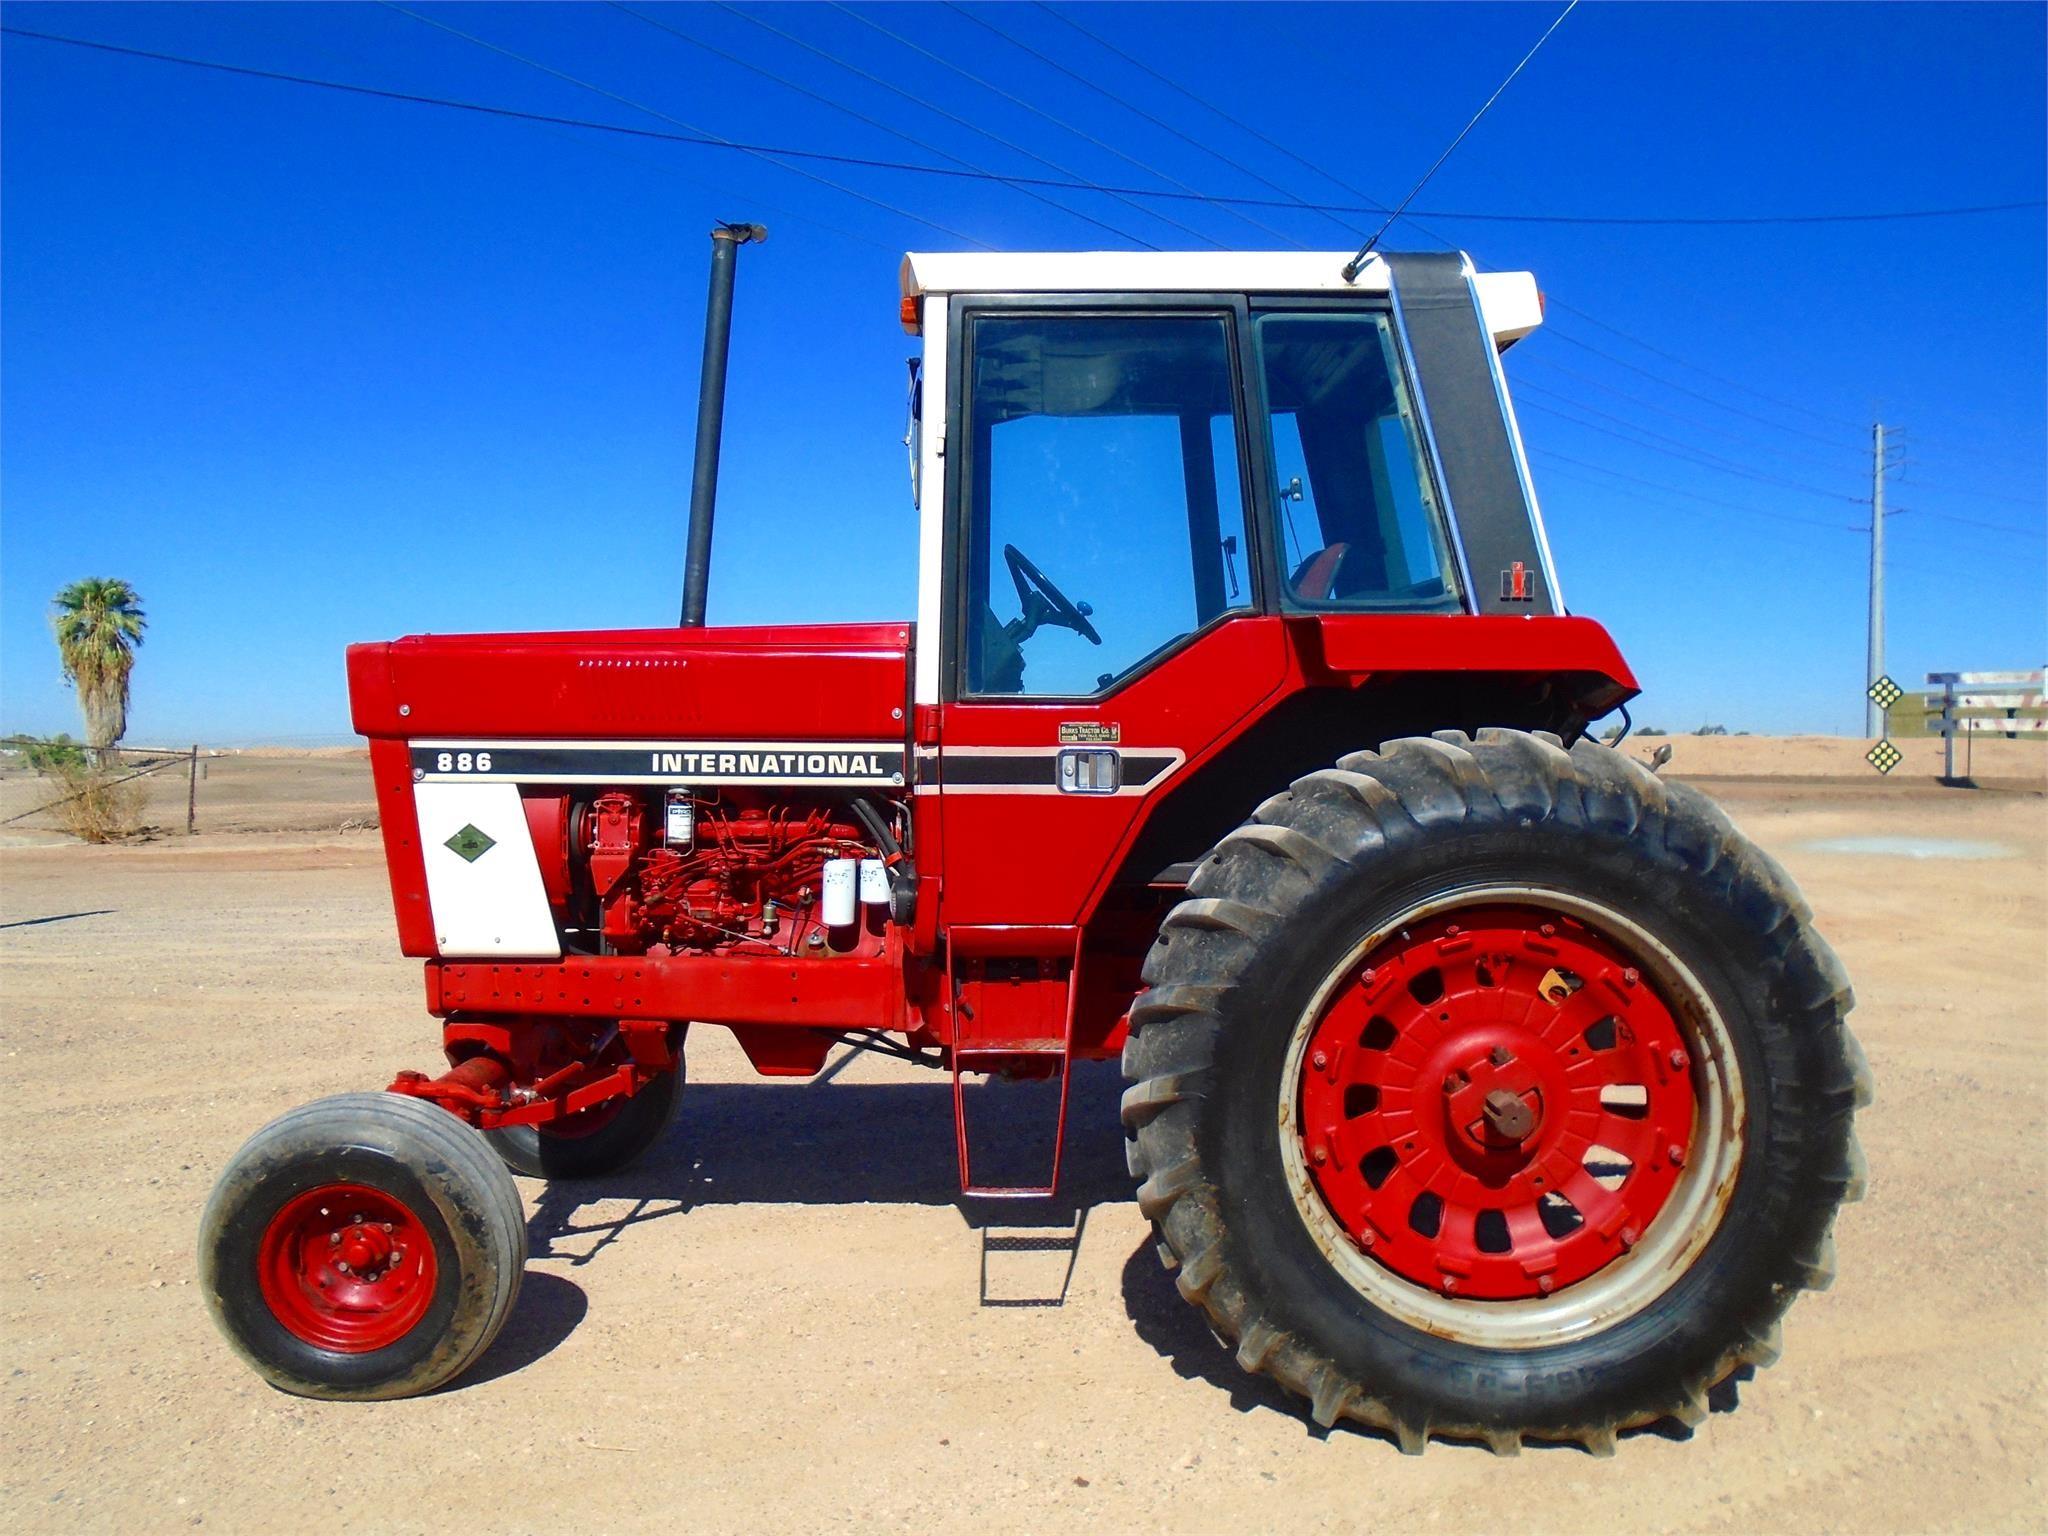 1977 International Harvester 886 Tractor